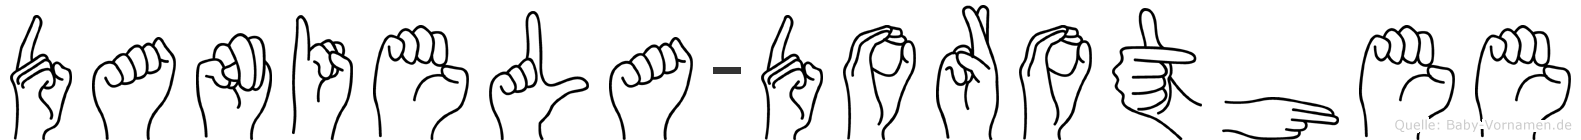 Daniela-Dorothee im Fingeralphabet der Deutschen Gebärdensprache